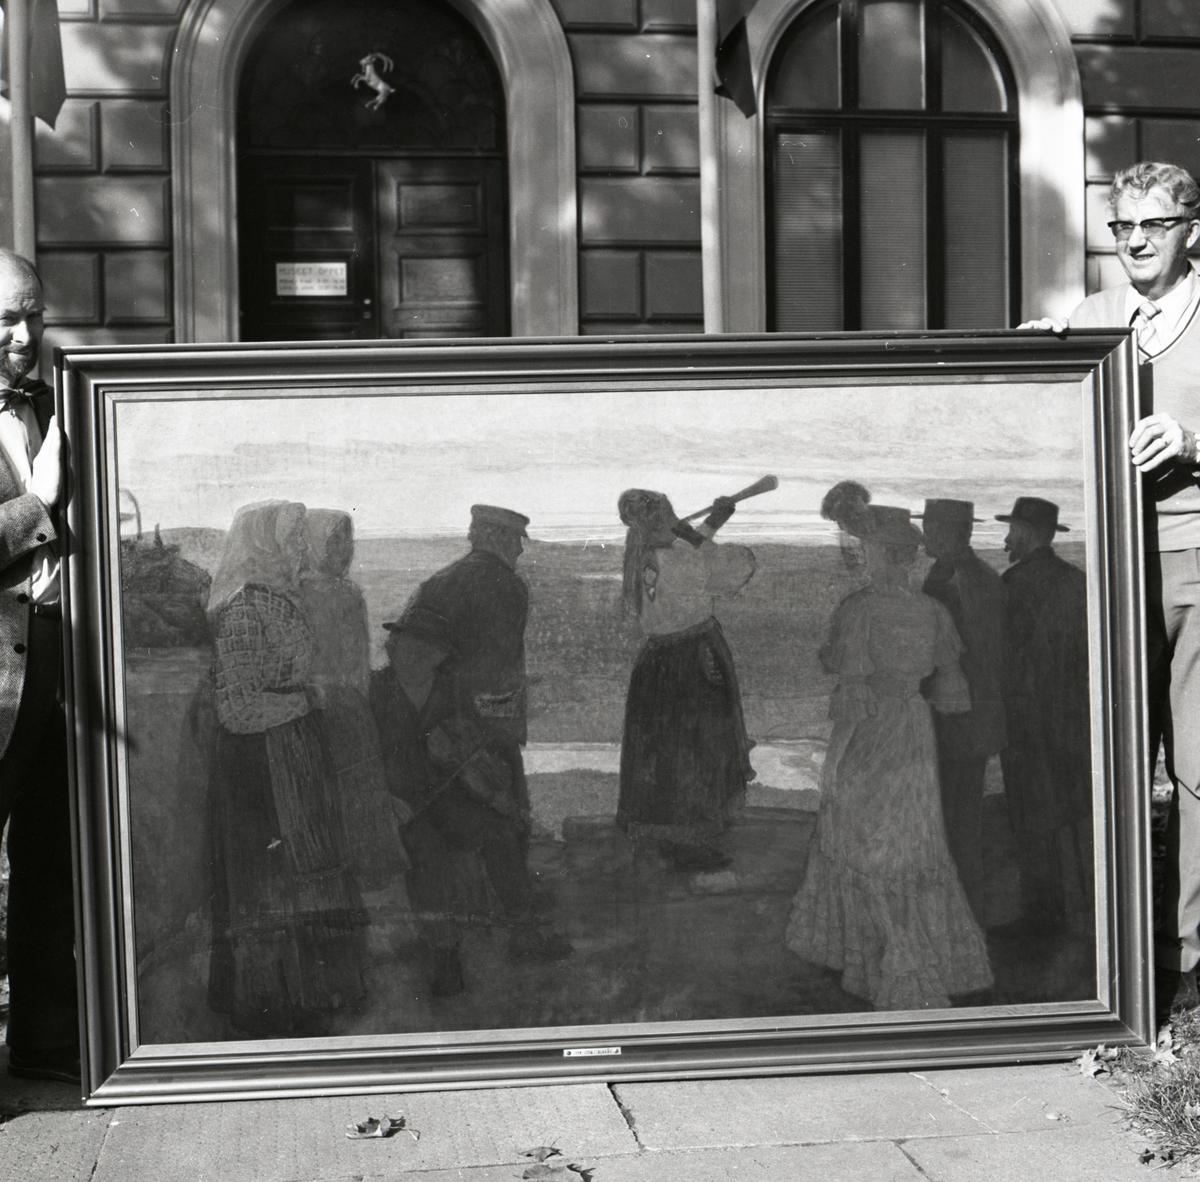 """Två män håller upp tavlan """"På blacksås"""" målad av John Sten. Framför entrén till Hälsinglands museum, 1974-1975."""